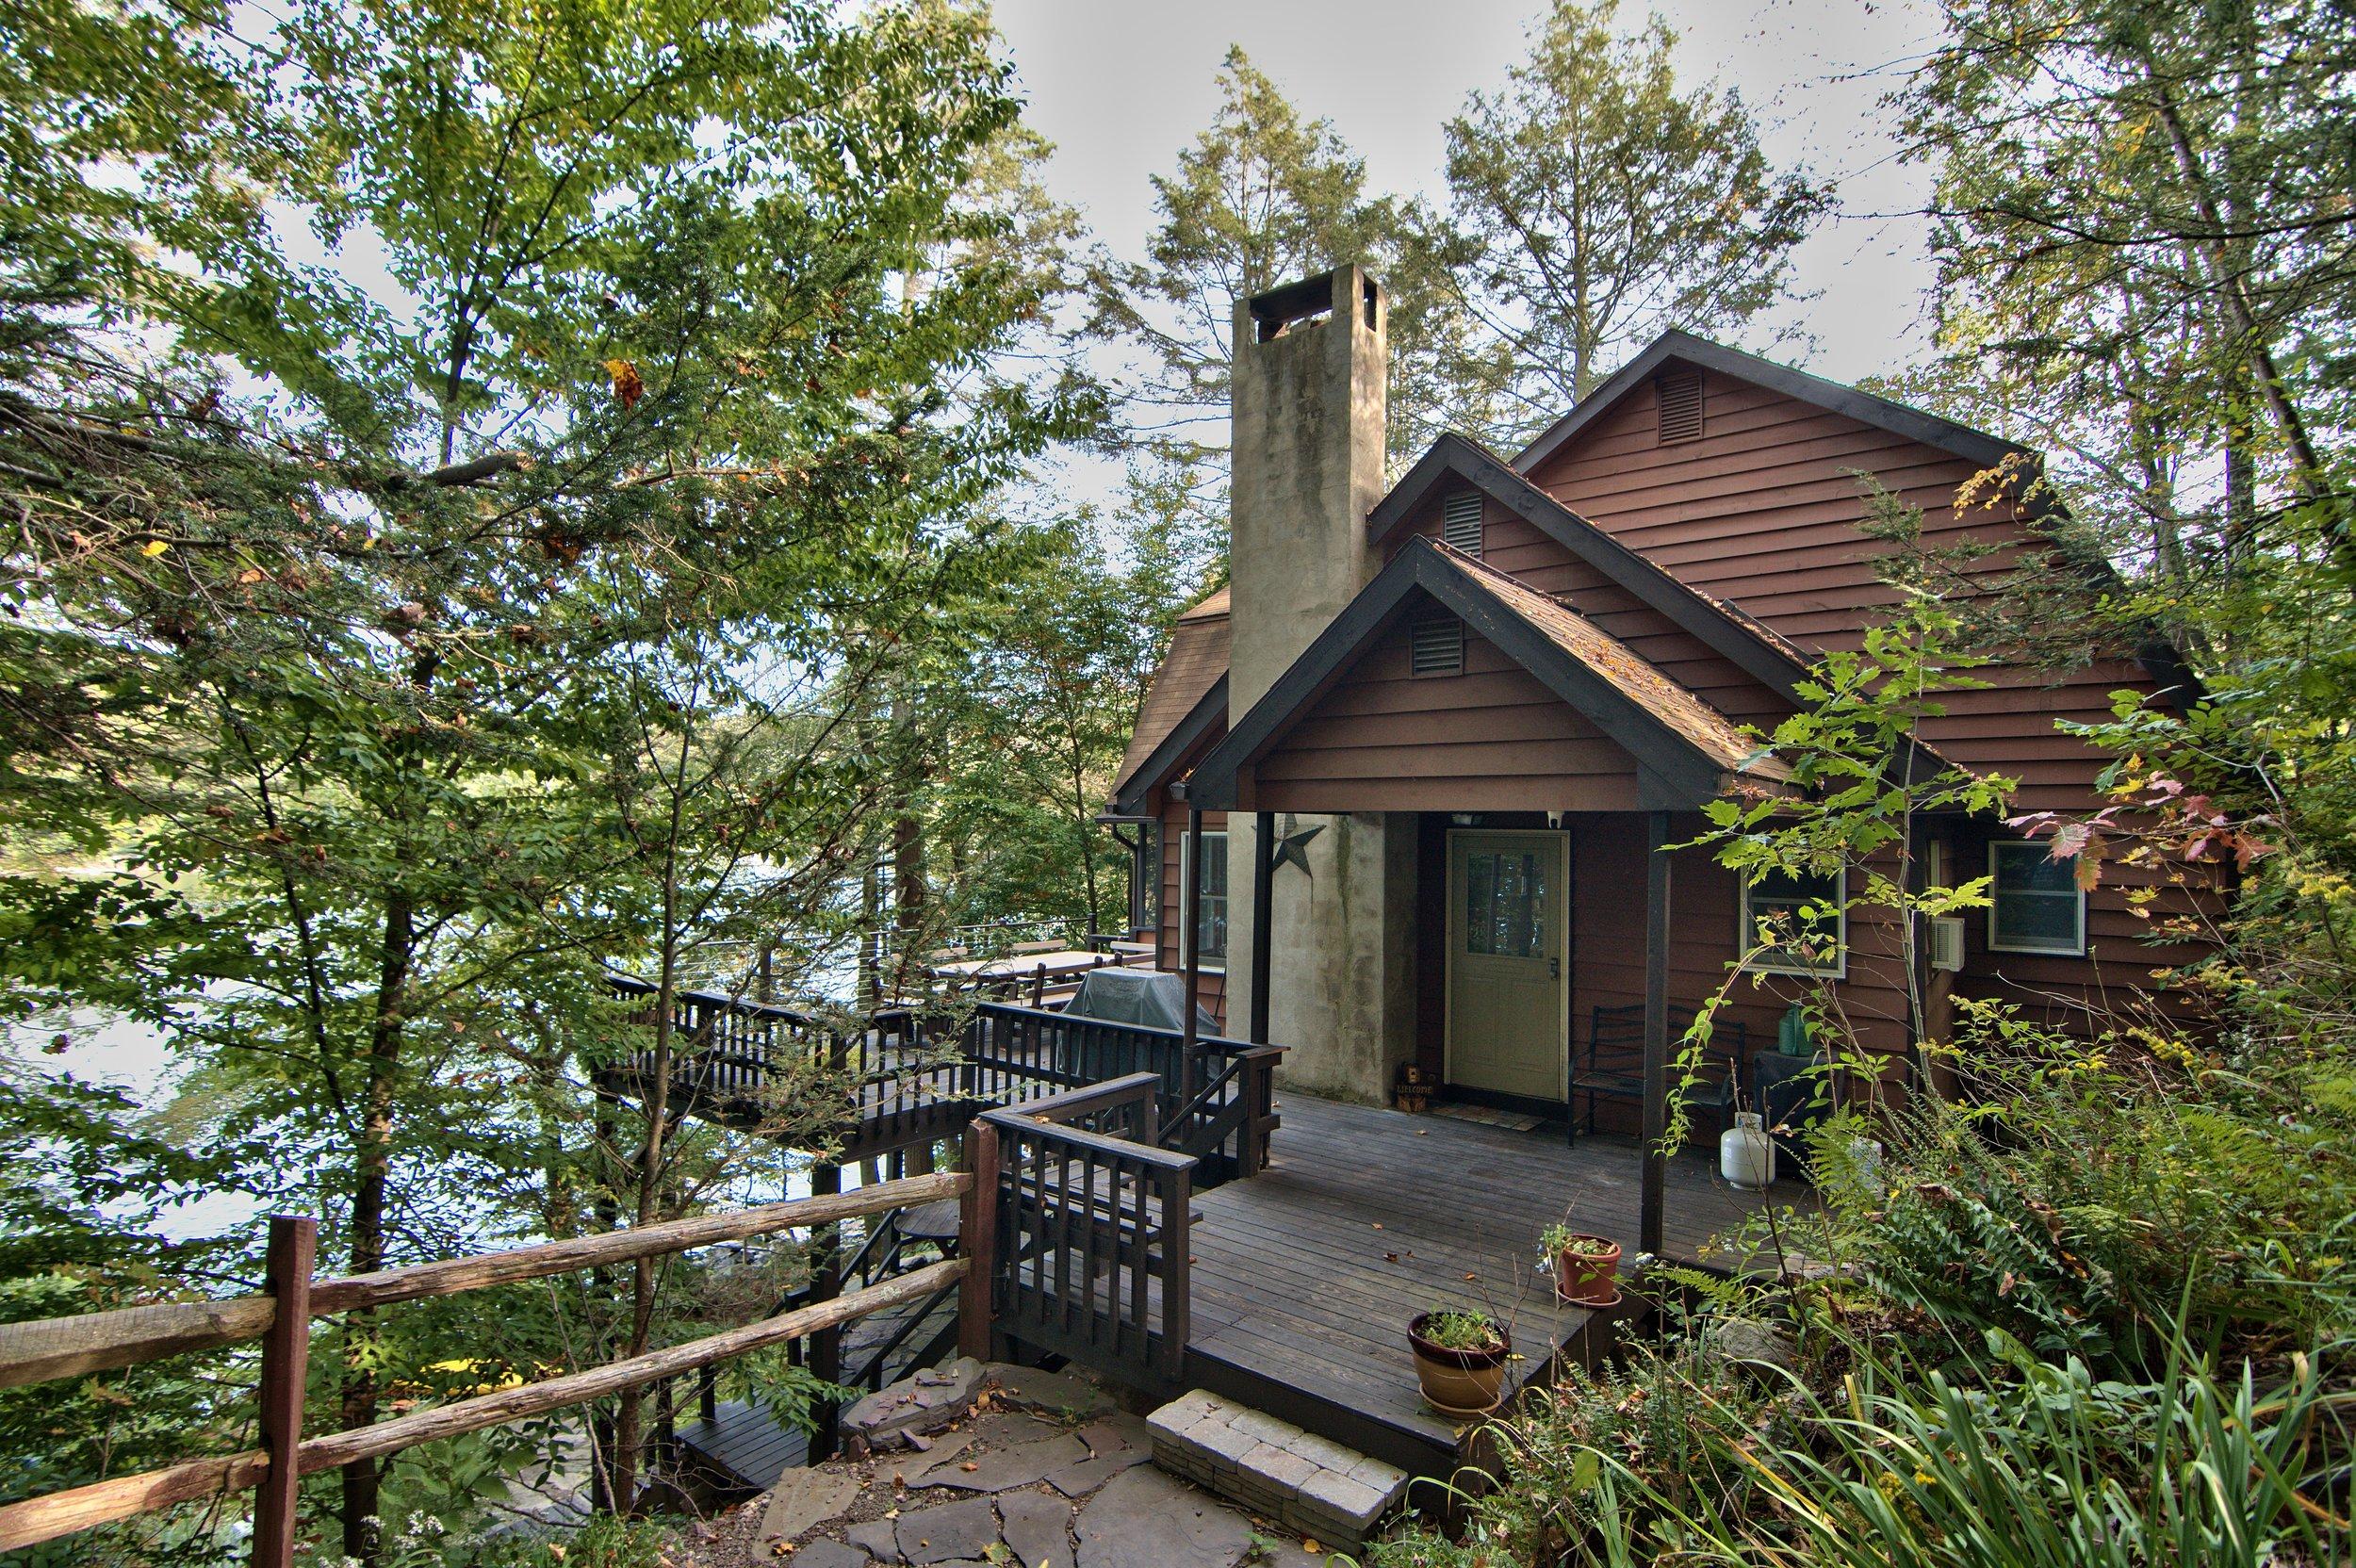 michael's big woods  4 bedrooms PLUS LOFT, 3 bathrooms